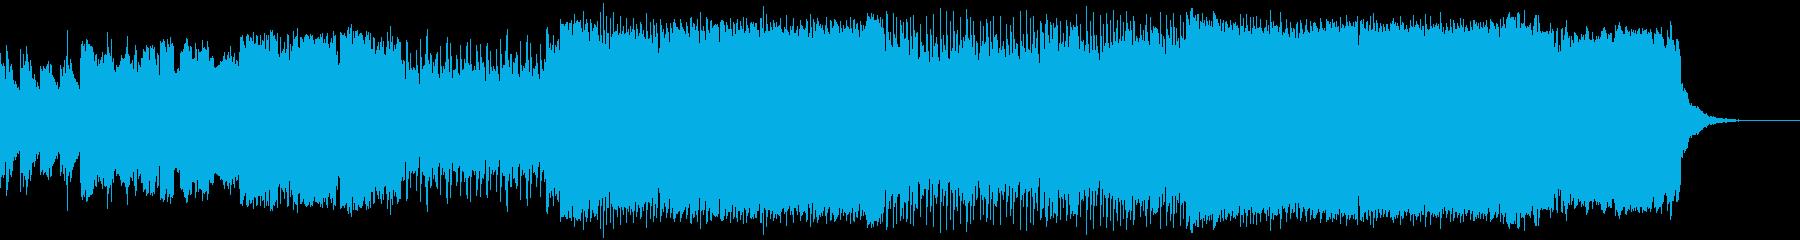 ケルト/朝の森のシーン/劇伴の再生済みの波形